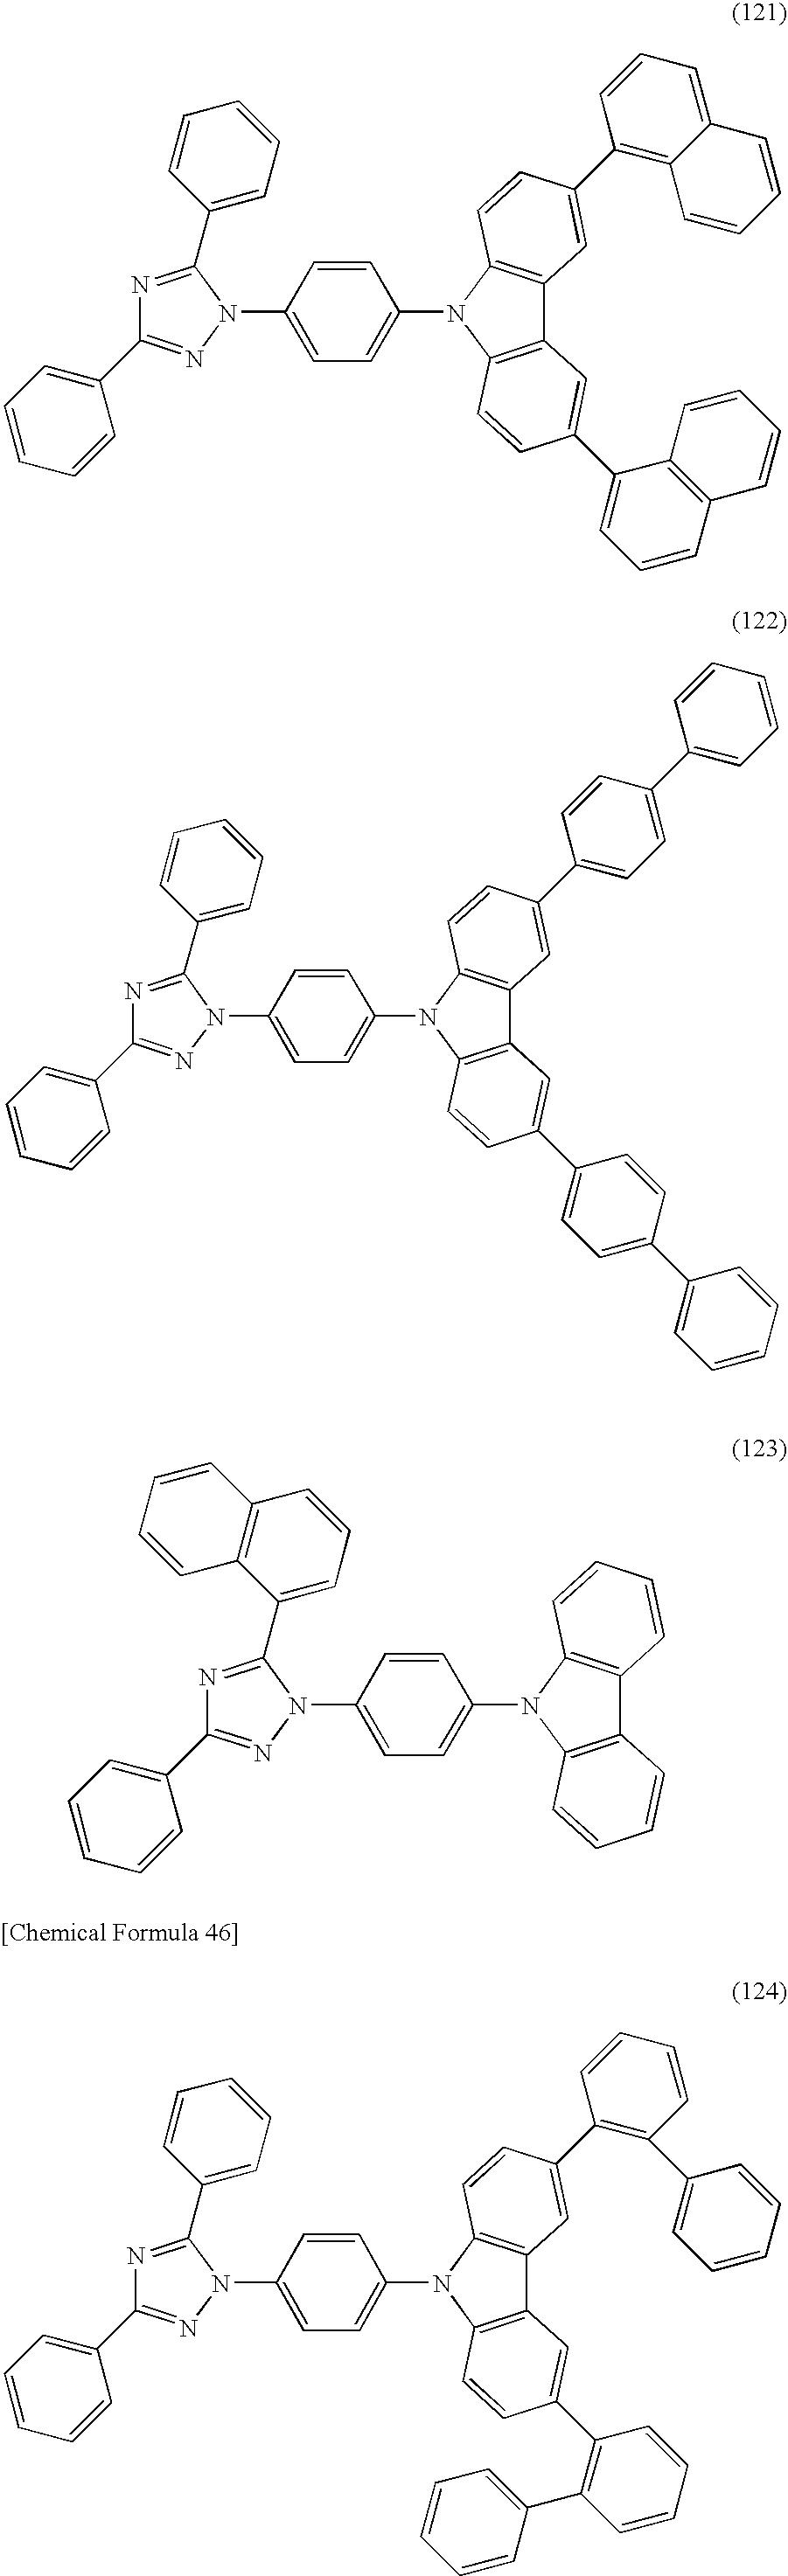 Figure US08551625-20131008-C00051